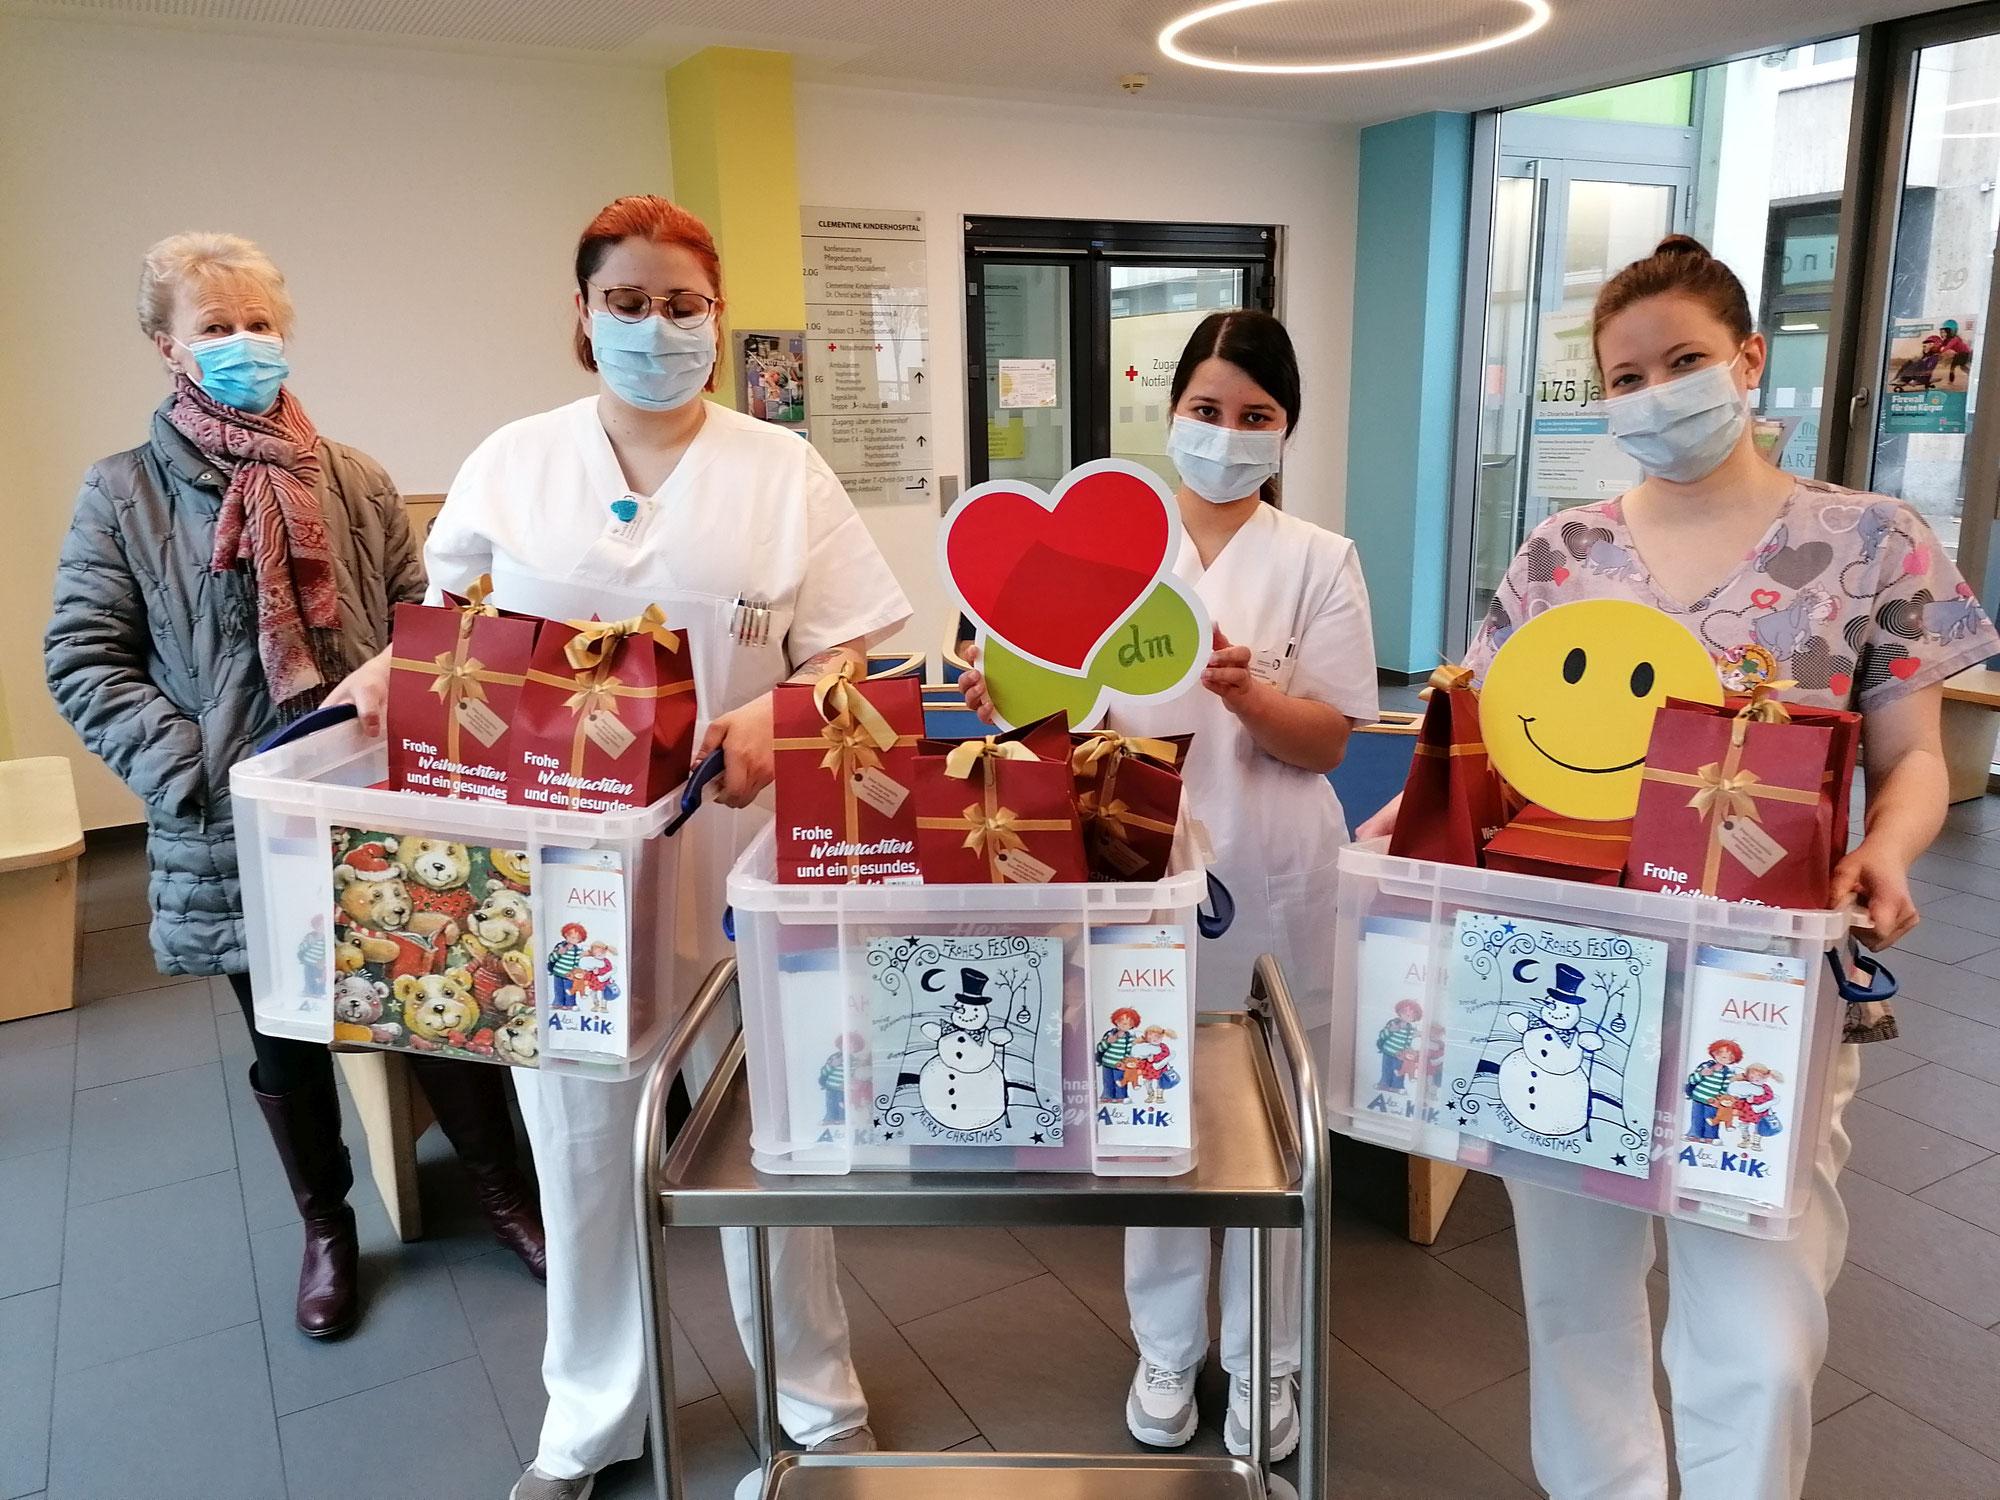 dm spendet Weihnachtspäckchen für Kinder im Krankenhaus